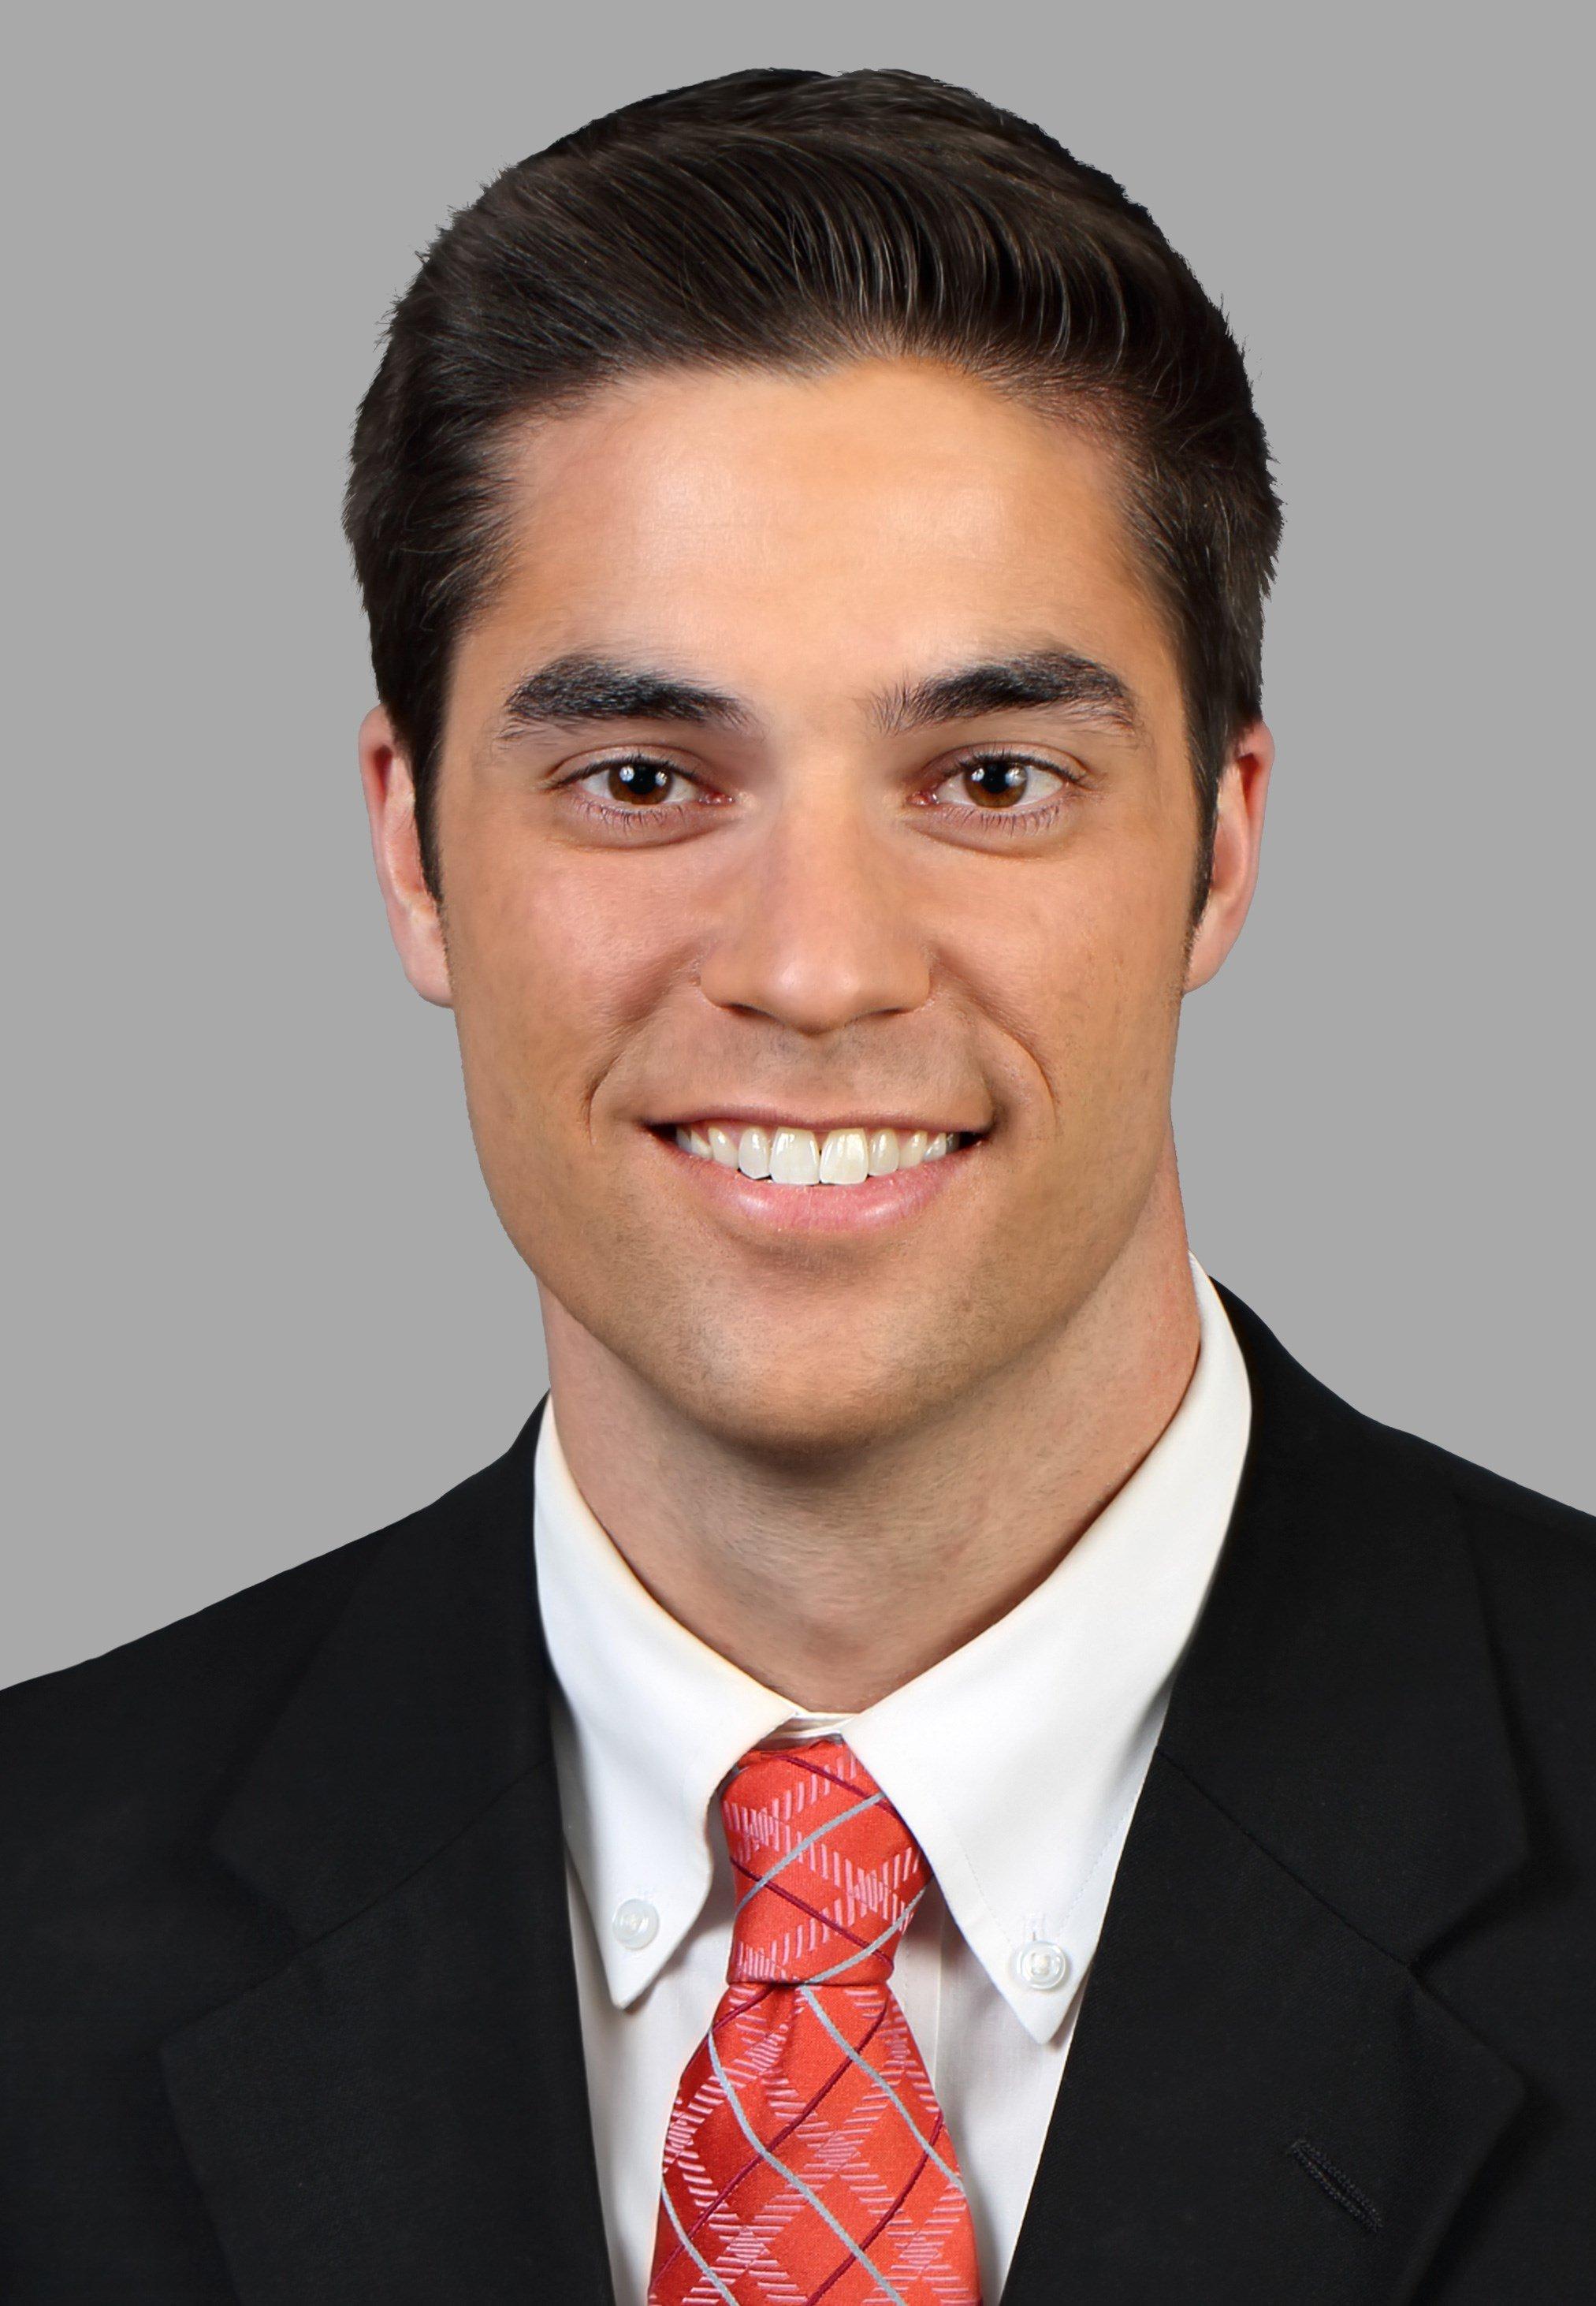 Cory Stark